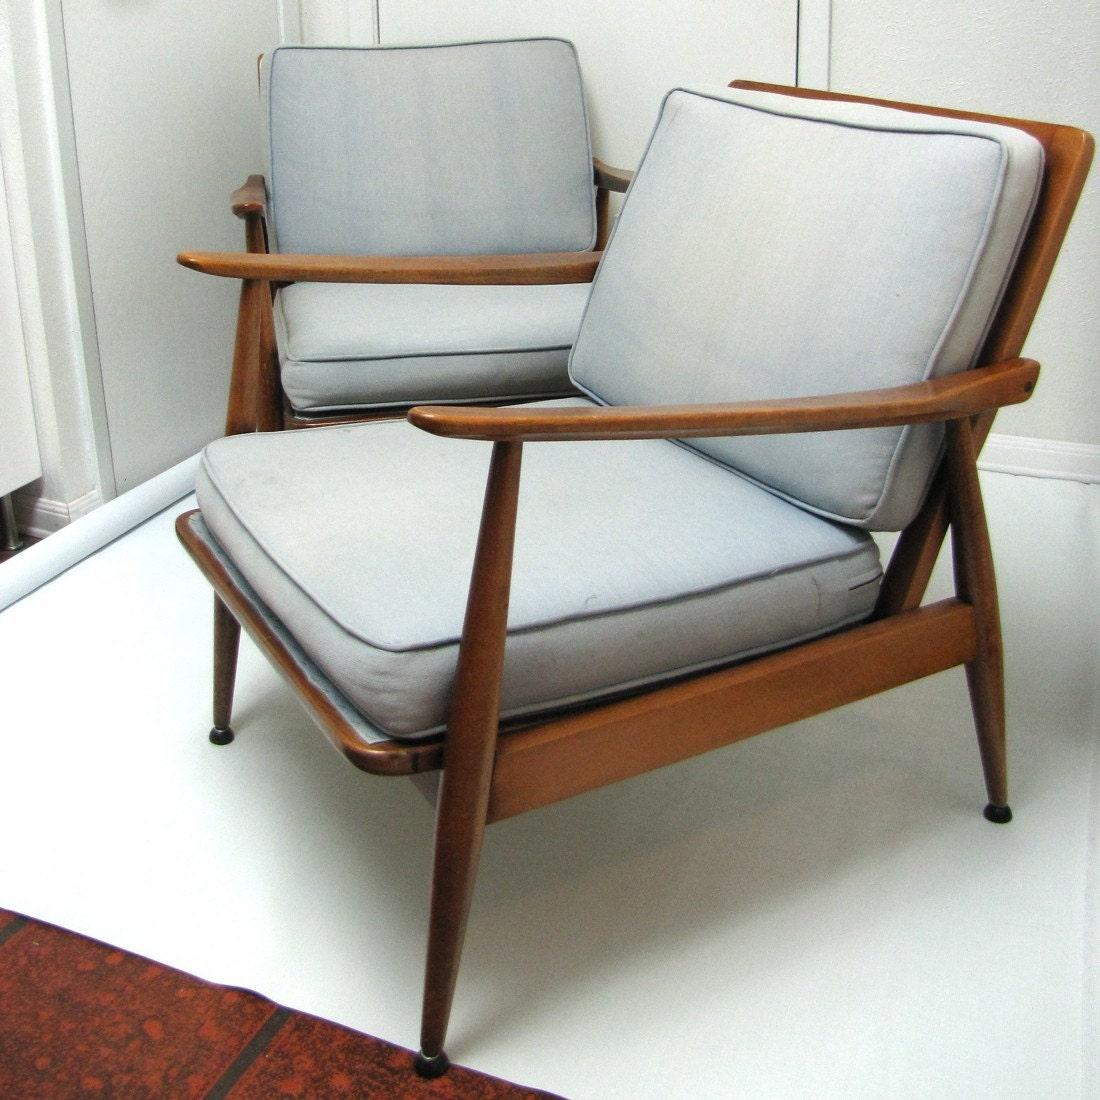 Handmade News: Ein Praktikumsplatz, dänische Möbel, Design und